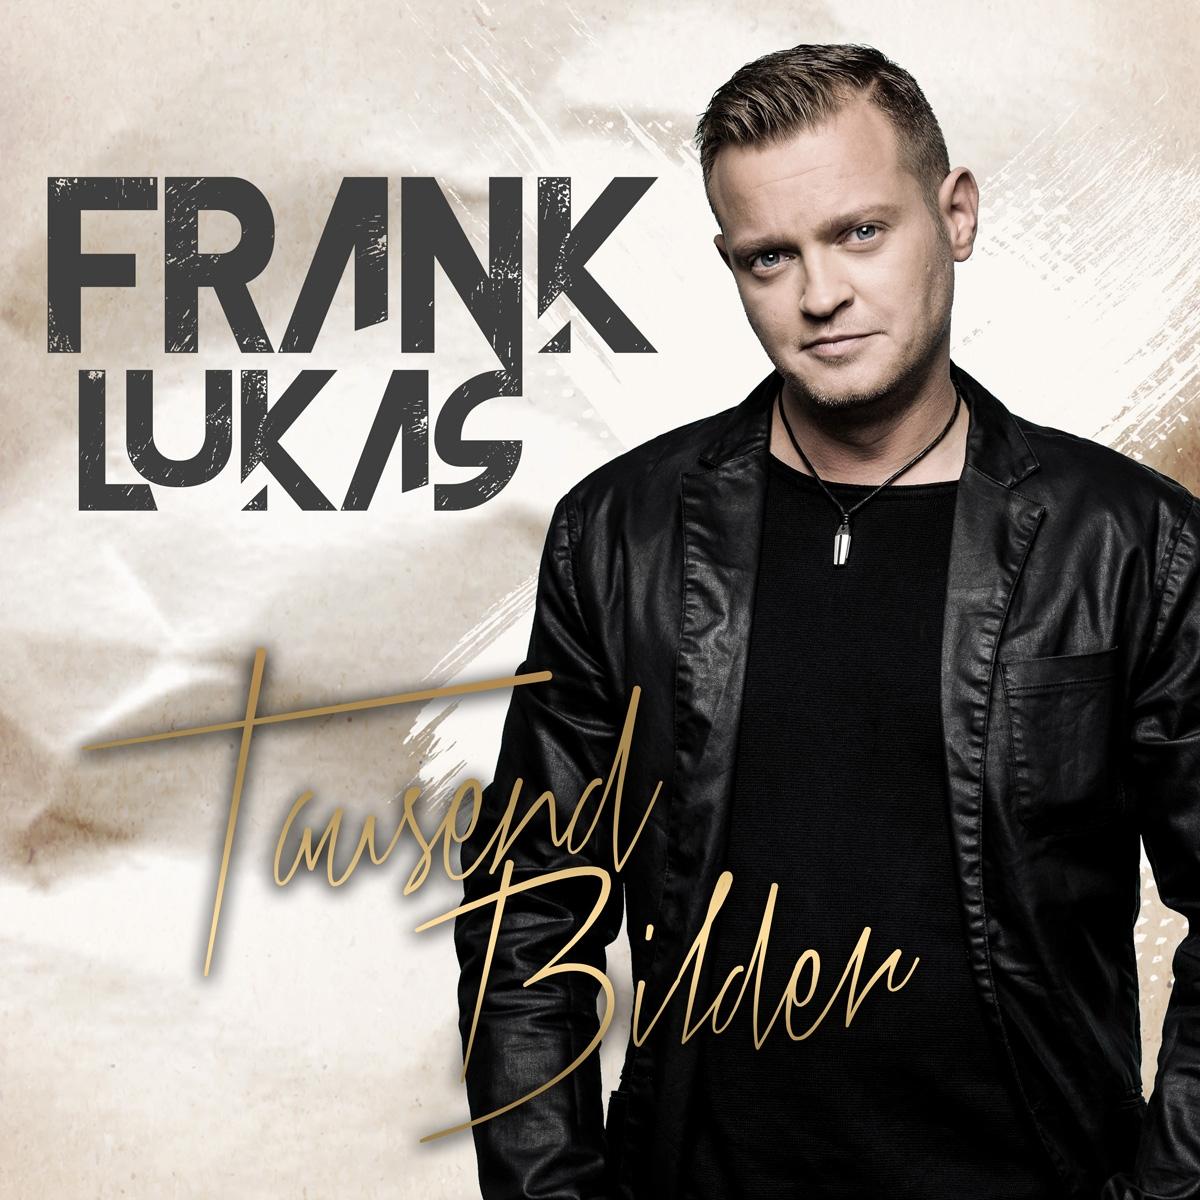 FANK LUKAS * Tausend Bilder (CD) * Auch als exklusive & limitierte Fanbox sowie auch auf Vinyl erhältlich!